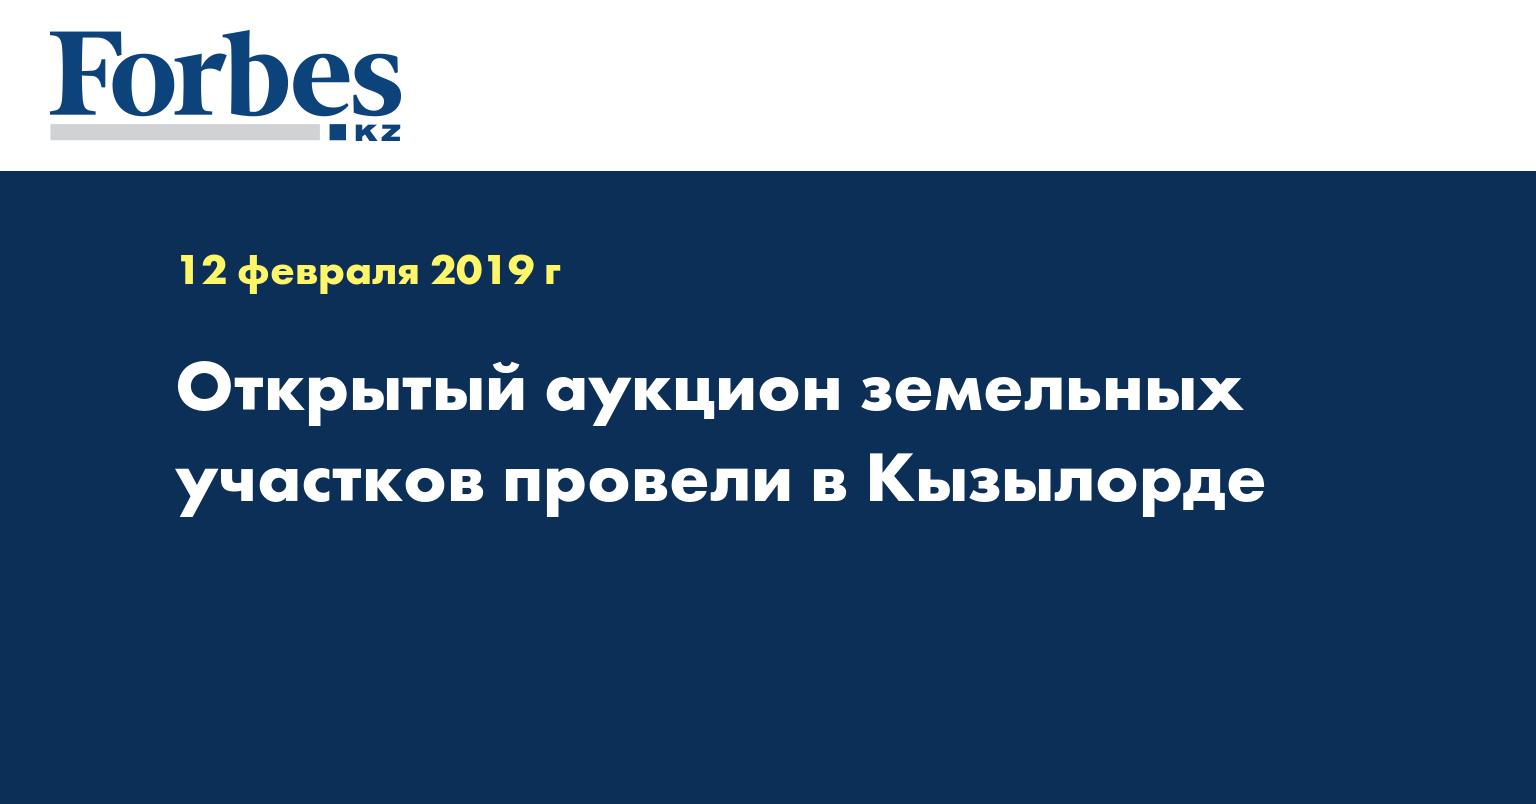 Открытый аукцион земельных участков провели в Кызылорде